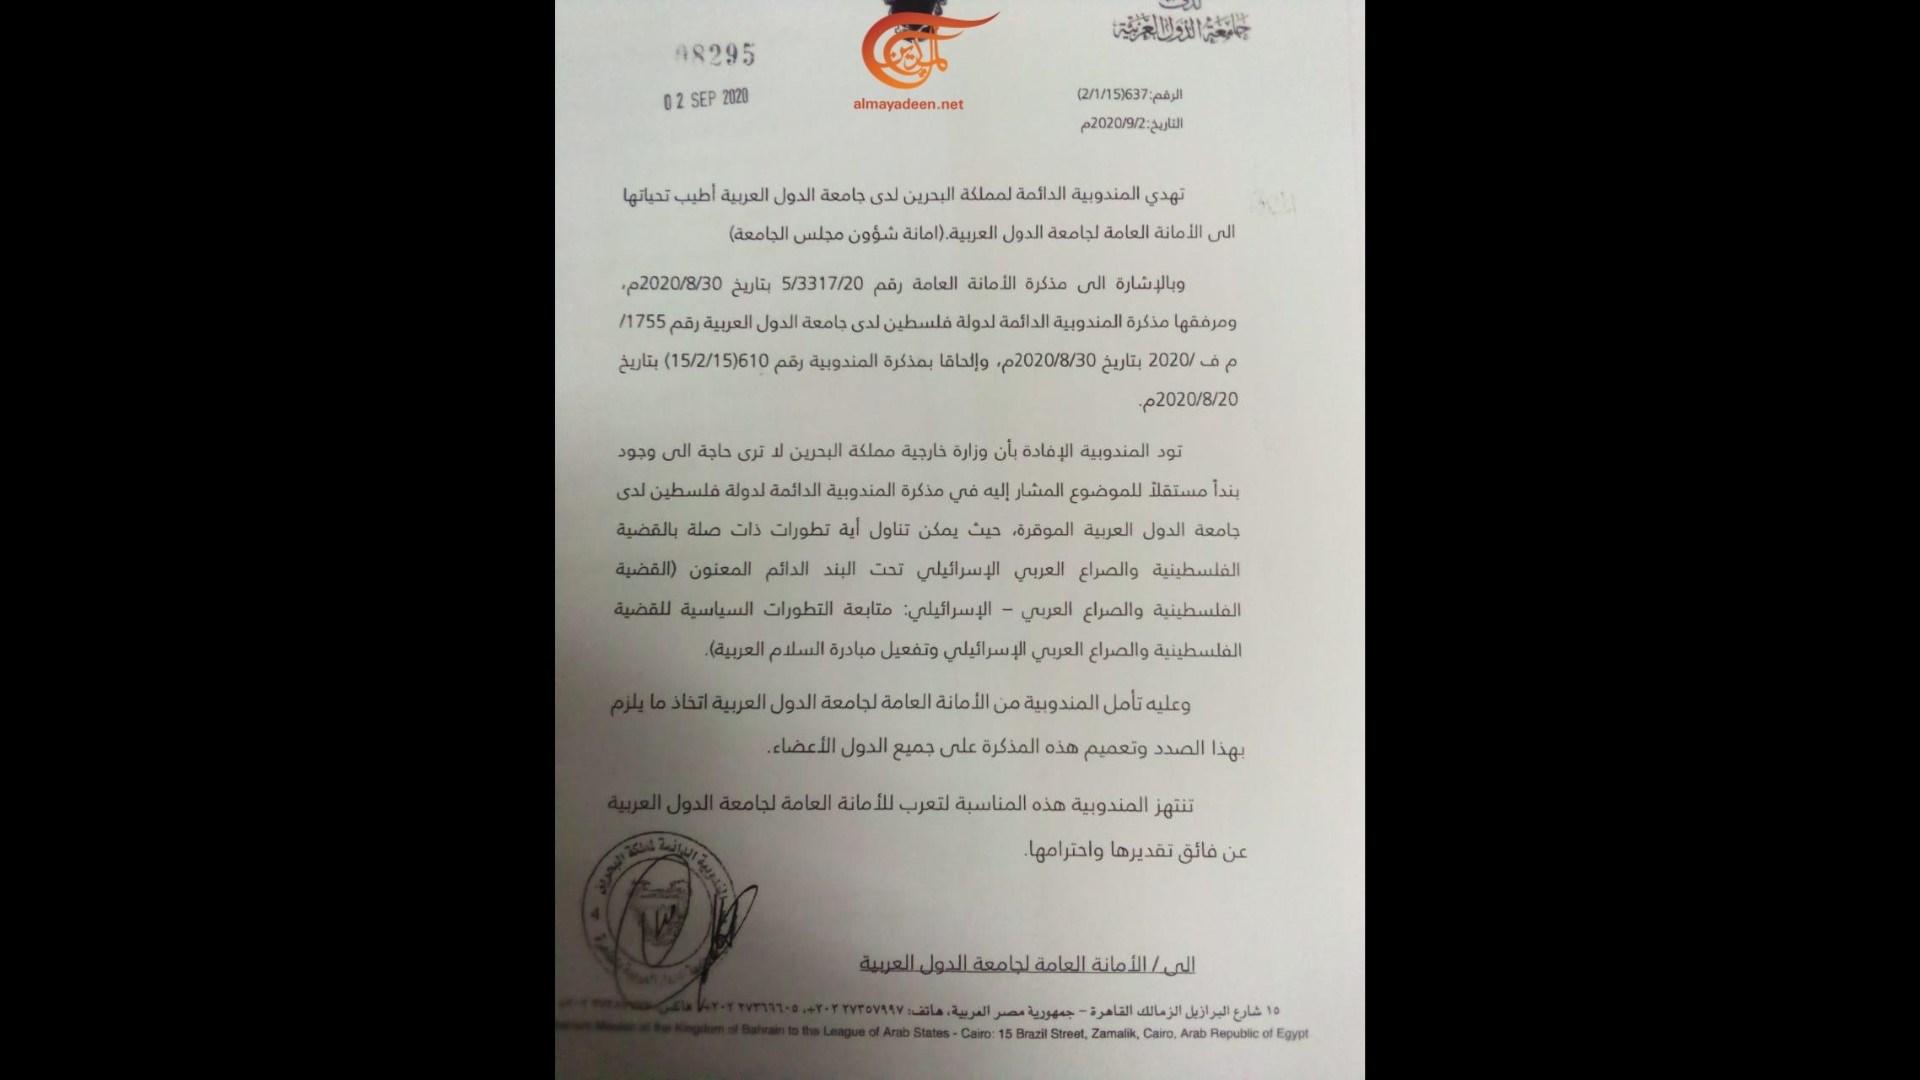 مصادر للميادين: البحرين هددت فلسطين أنها سوف تضع بنداً من طرفها لتأييد التطبيع وتشجيع